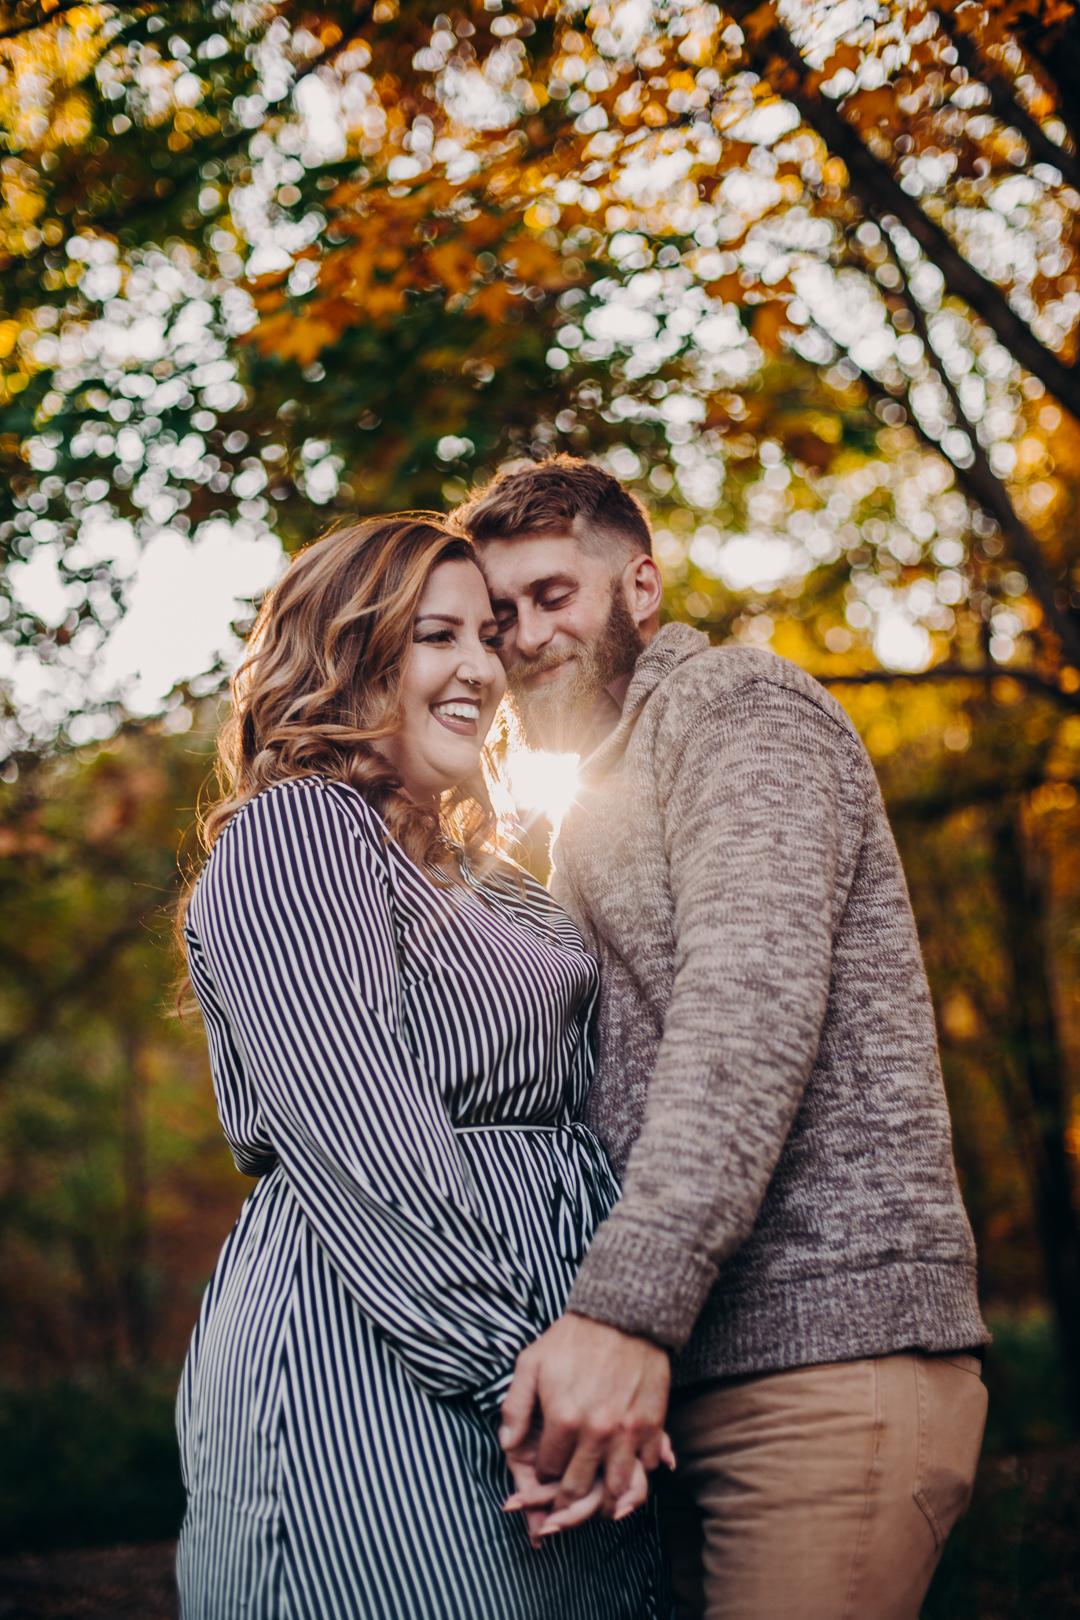 TerraSuraPhotography-Danielle & Ryan Engagemen-Web-7135.jpg